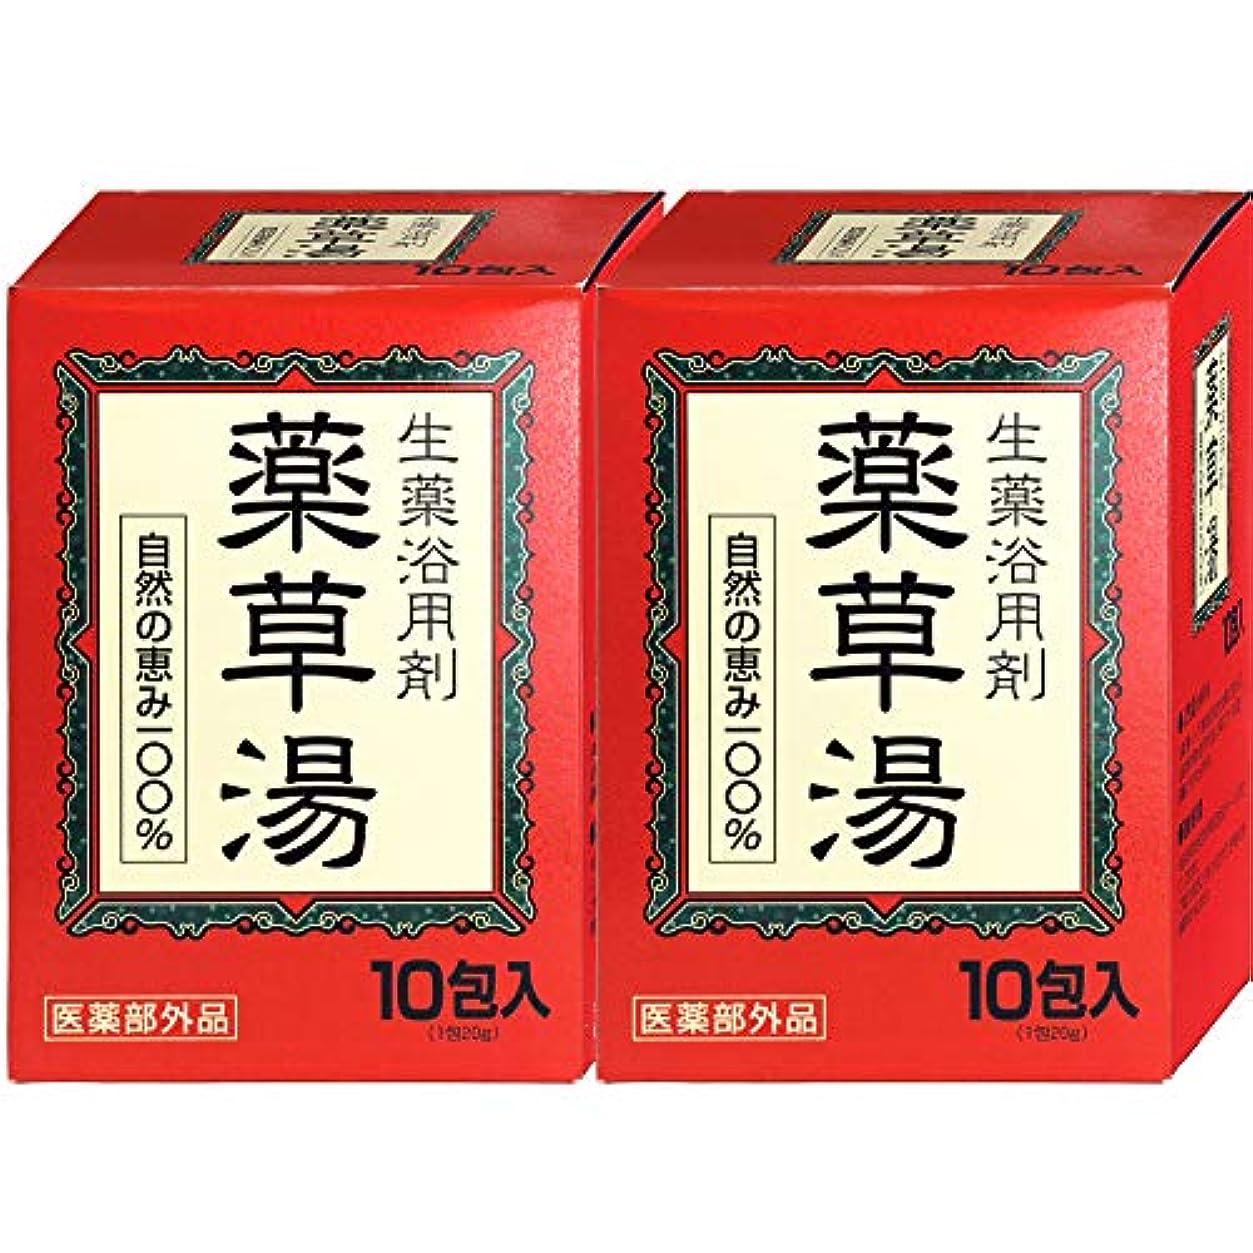 ユーザー巻き戻すゴミ箱薬草湯 生薬浴用剤 10包入 【2個セット】自然の恵み100% 医薬部外品